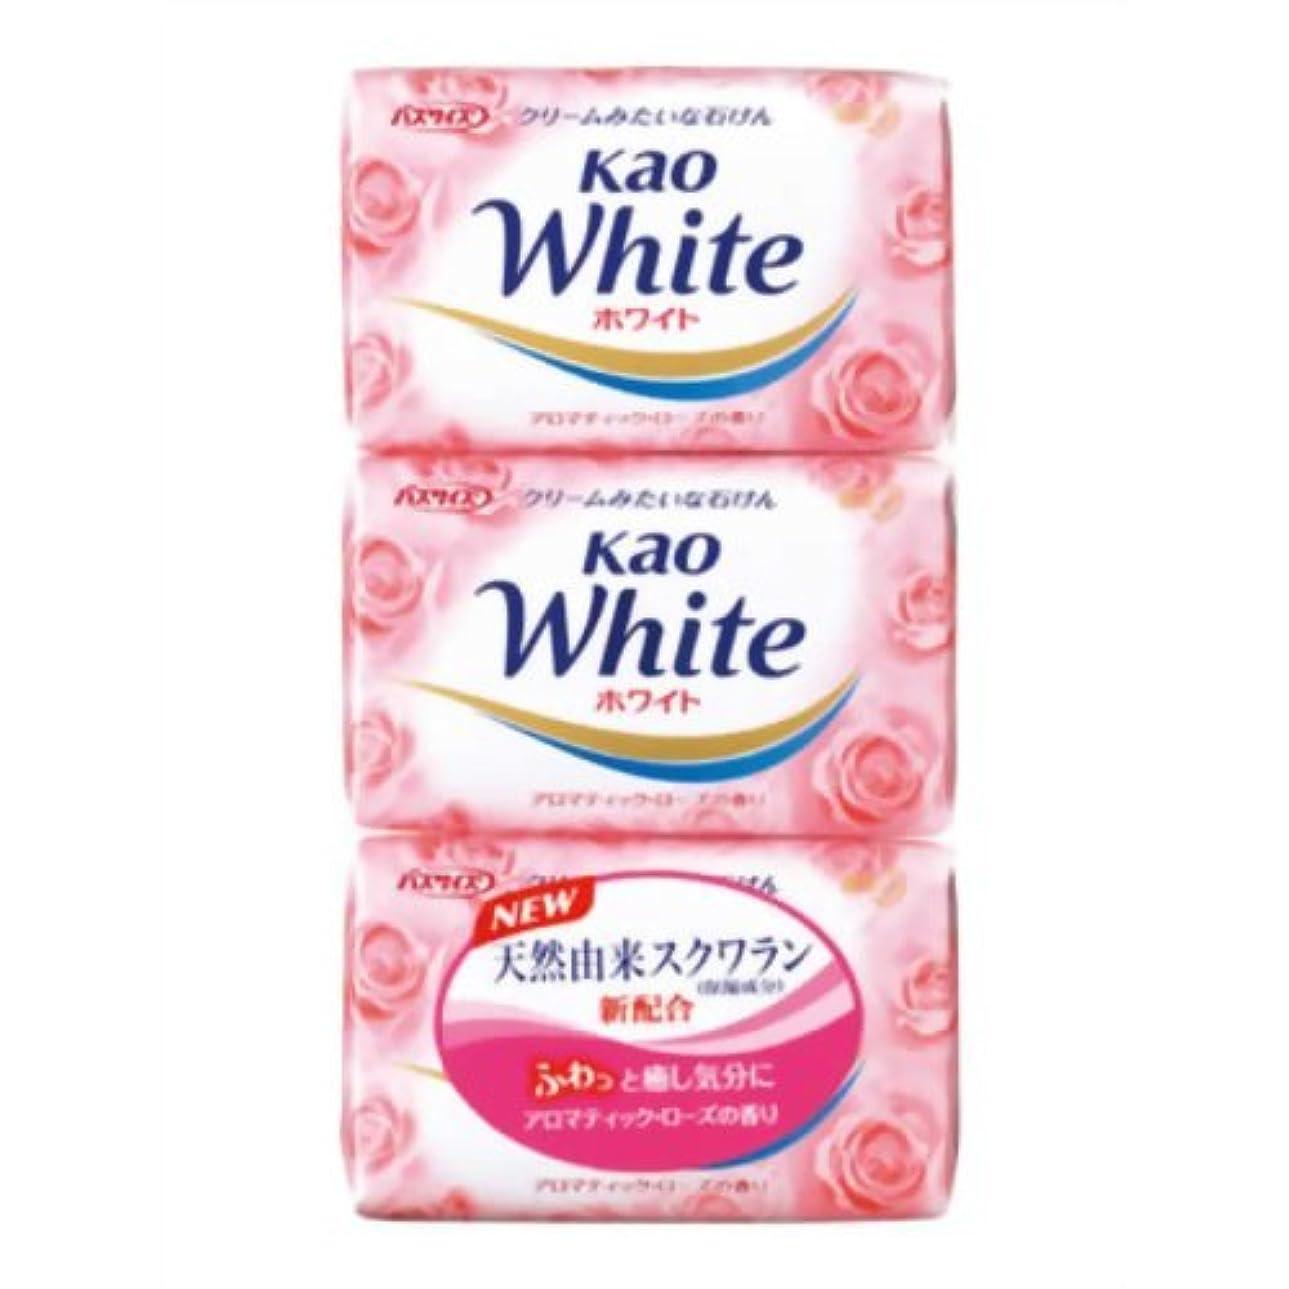 効率十代貫通する花王ホワイト アロマティックローズの香り バスサイズ 130g*3個入